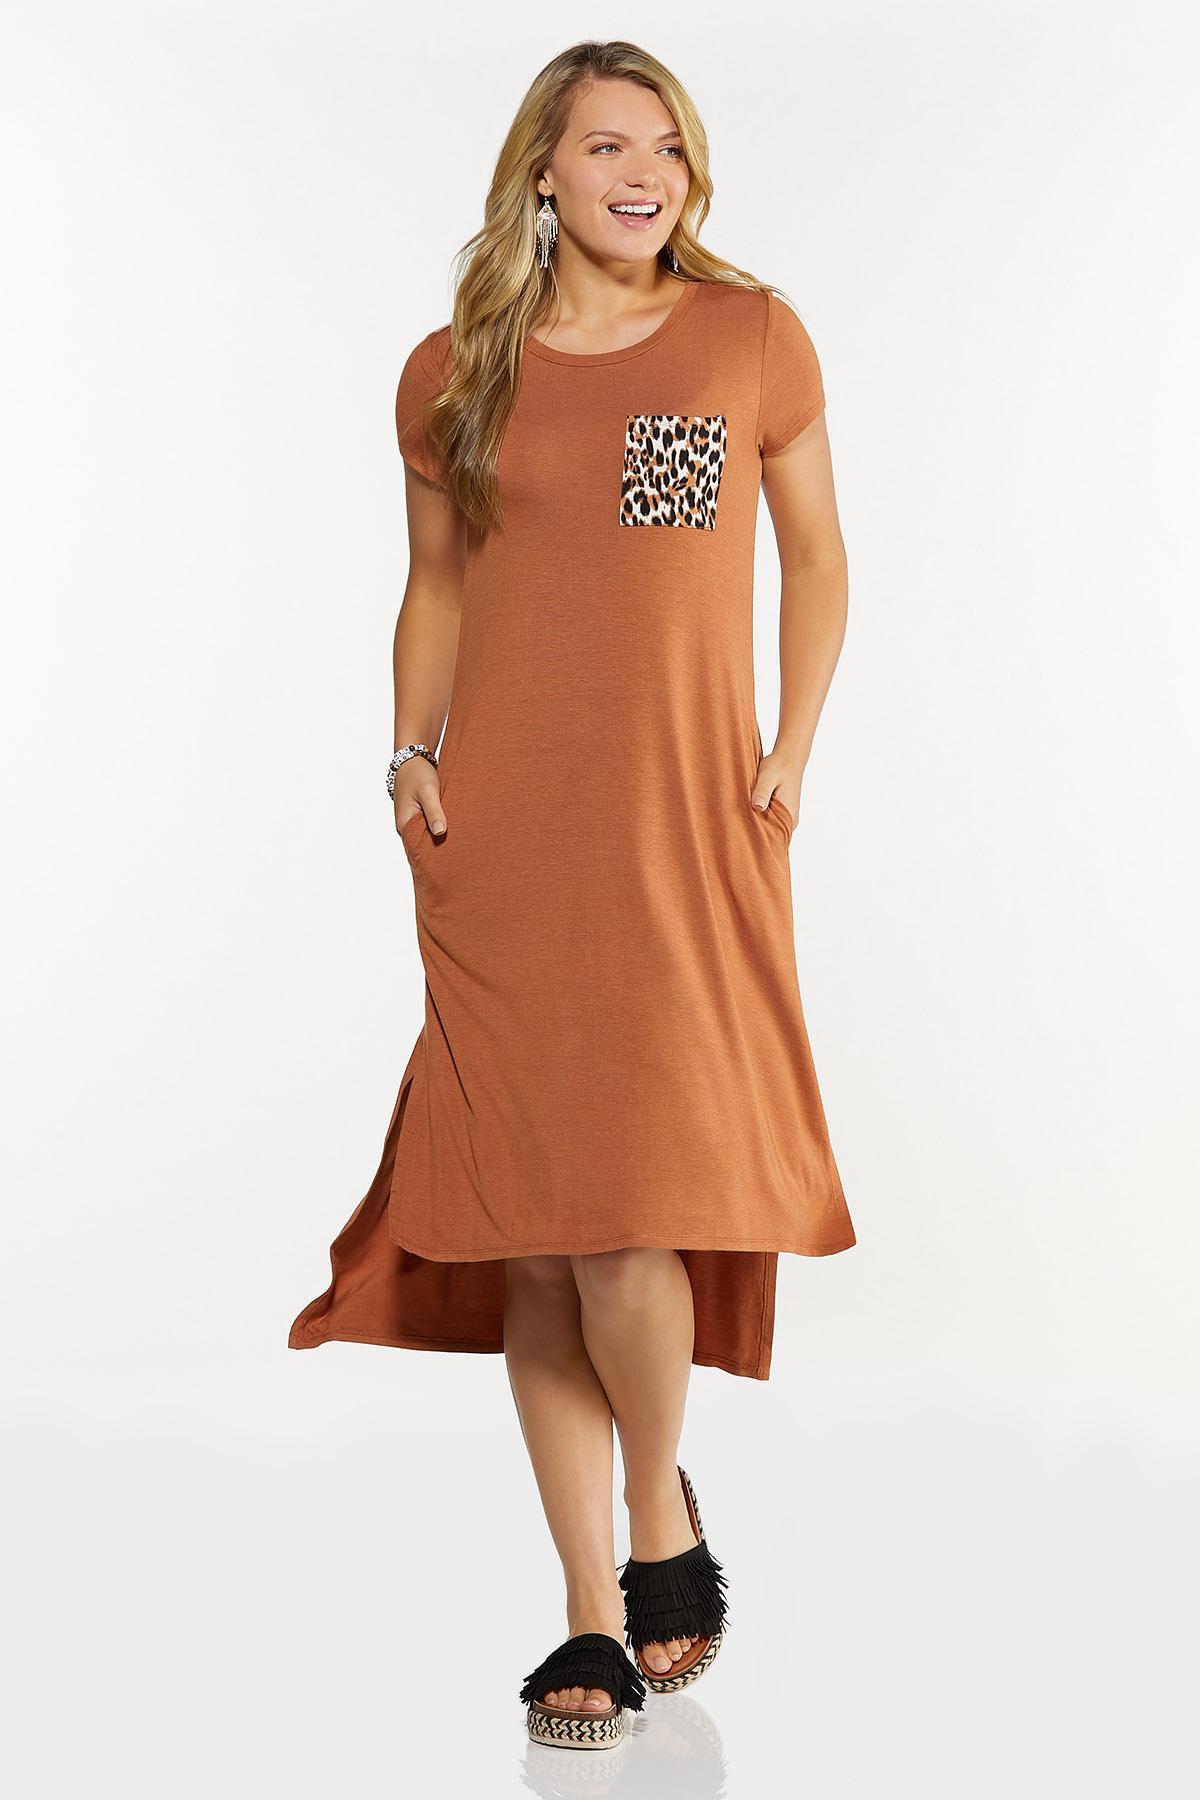 Leopard Pocket Tee Midi Dress (Item #44619443)